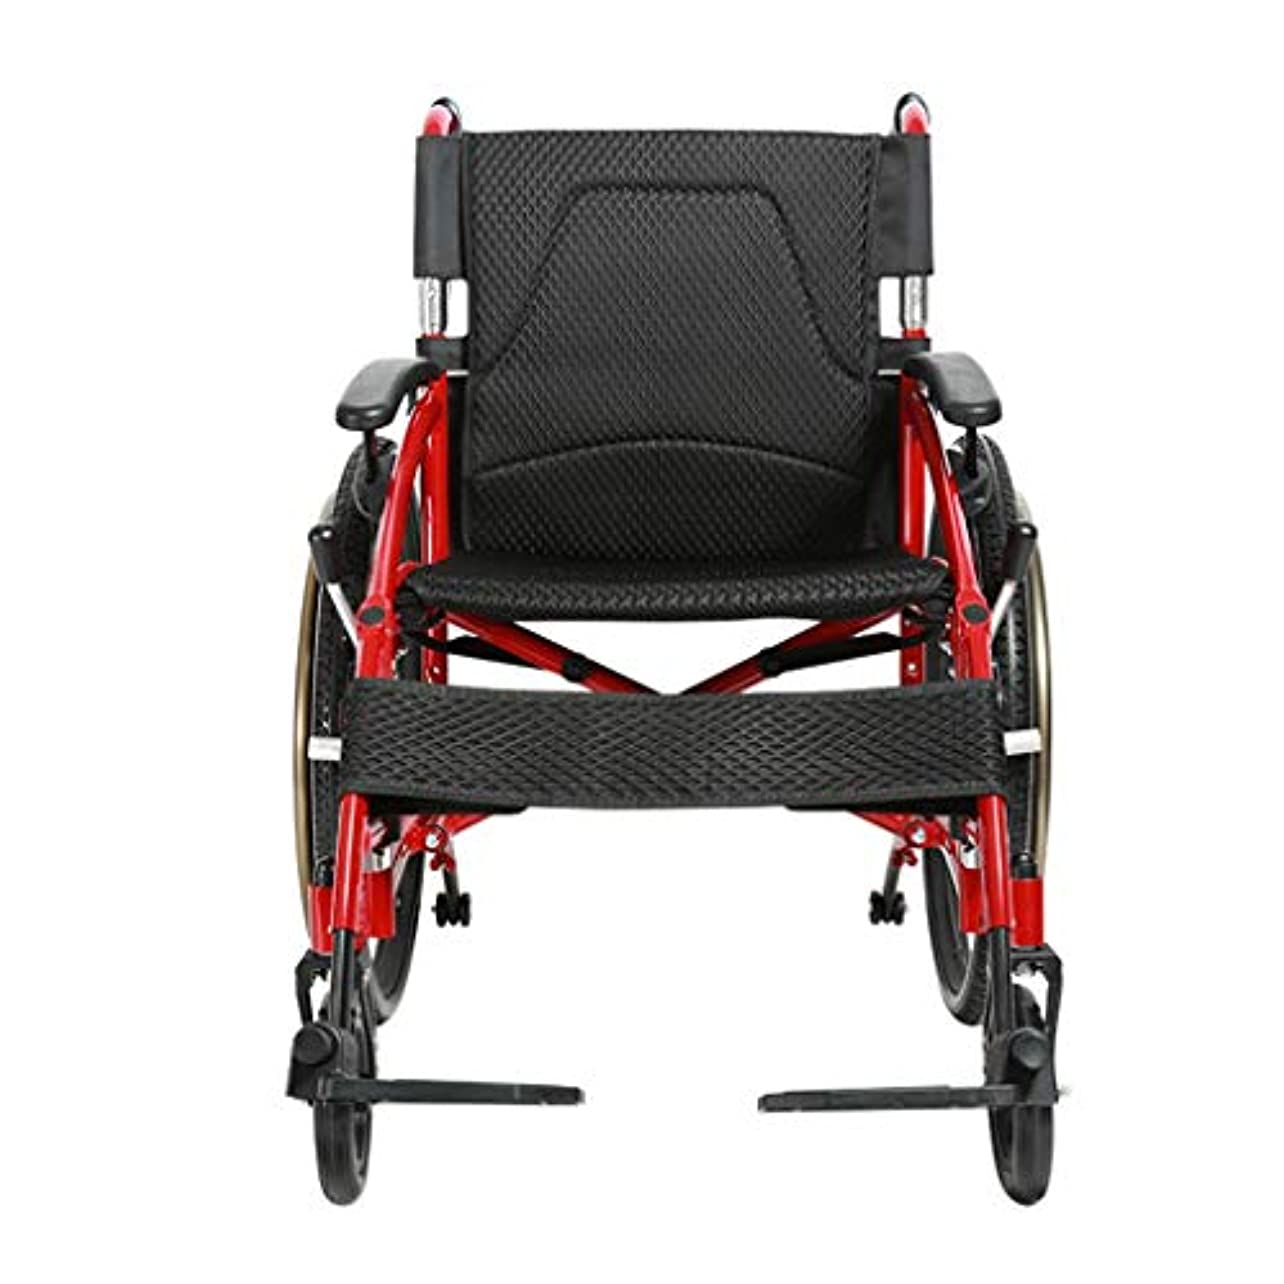 収束囚人項目手押し式車椅子、折りたたみ式、手回し式プッシュ式歩行装置、大人および身体障害者用アルミニウム製トラベルスクーターに適しています